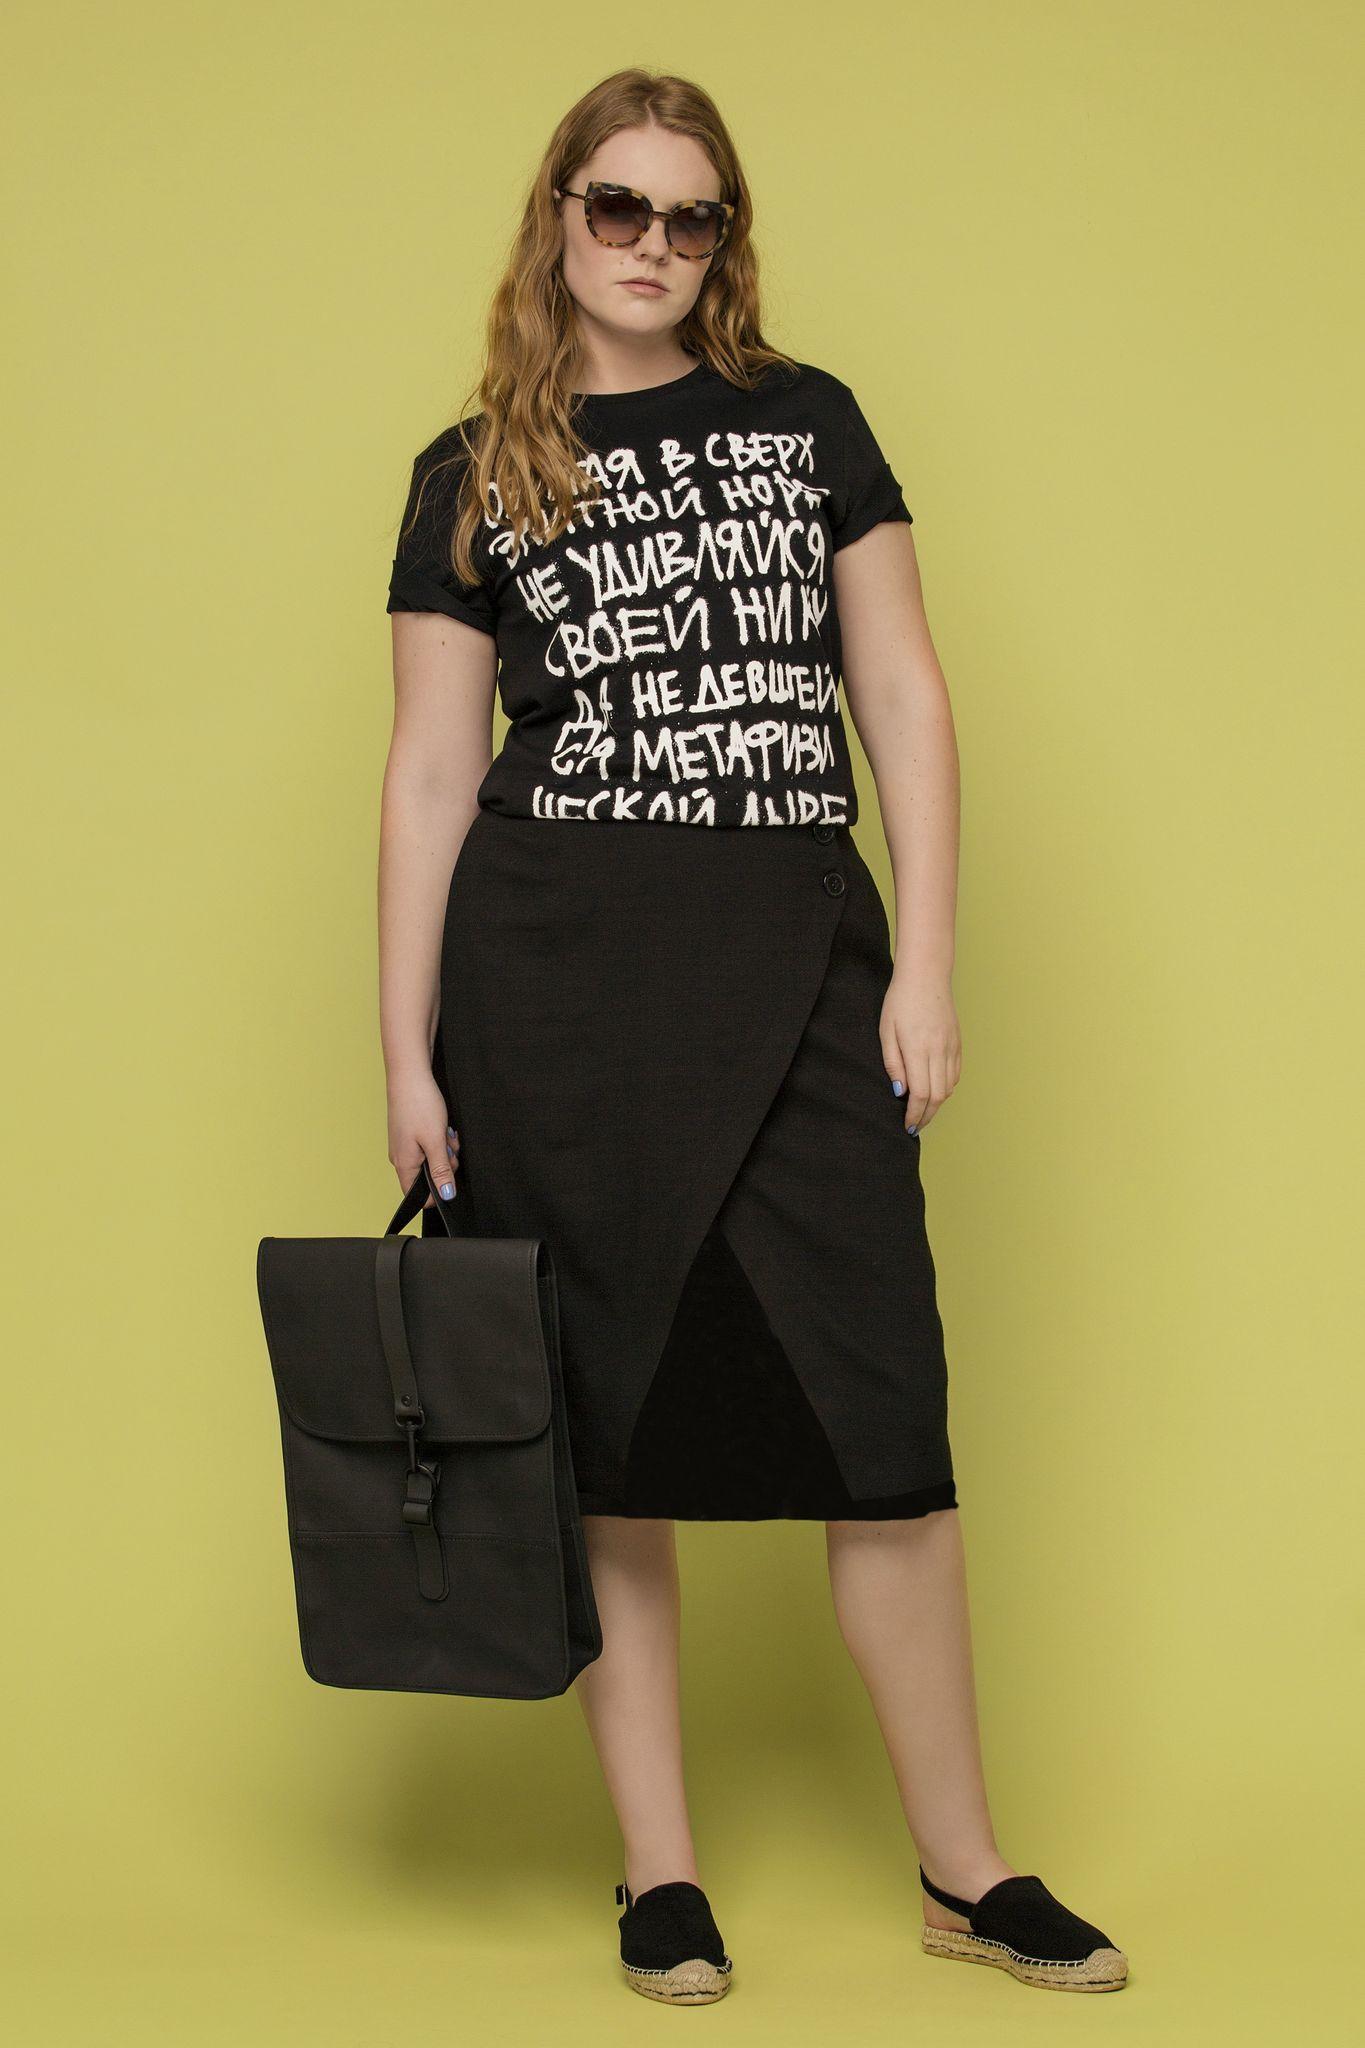 Юбка LE-04 SK01 01/01Юбки<br>Многослойная  юбка с запахом выпущена в ограниченом тираже. Застегивается на пуговицы, черный однотоннный подъюбник. Та самая сложная многослойность силуэта, столь любимая всеми стилистами в этом сезоне.<br>